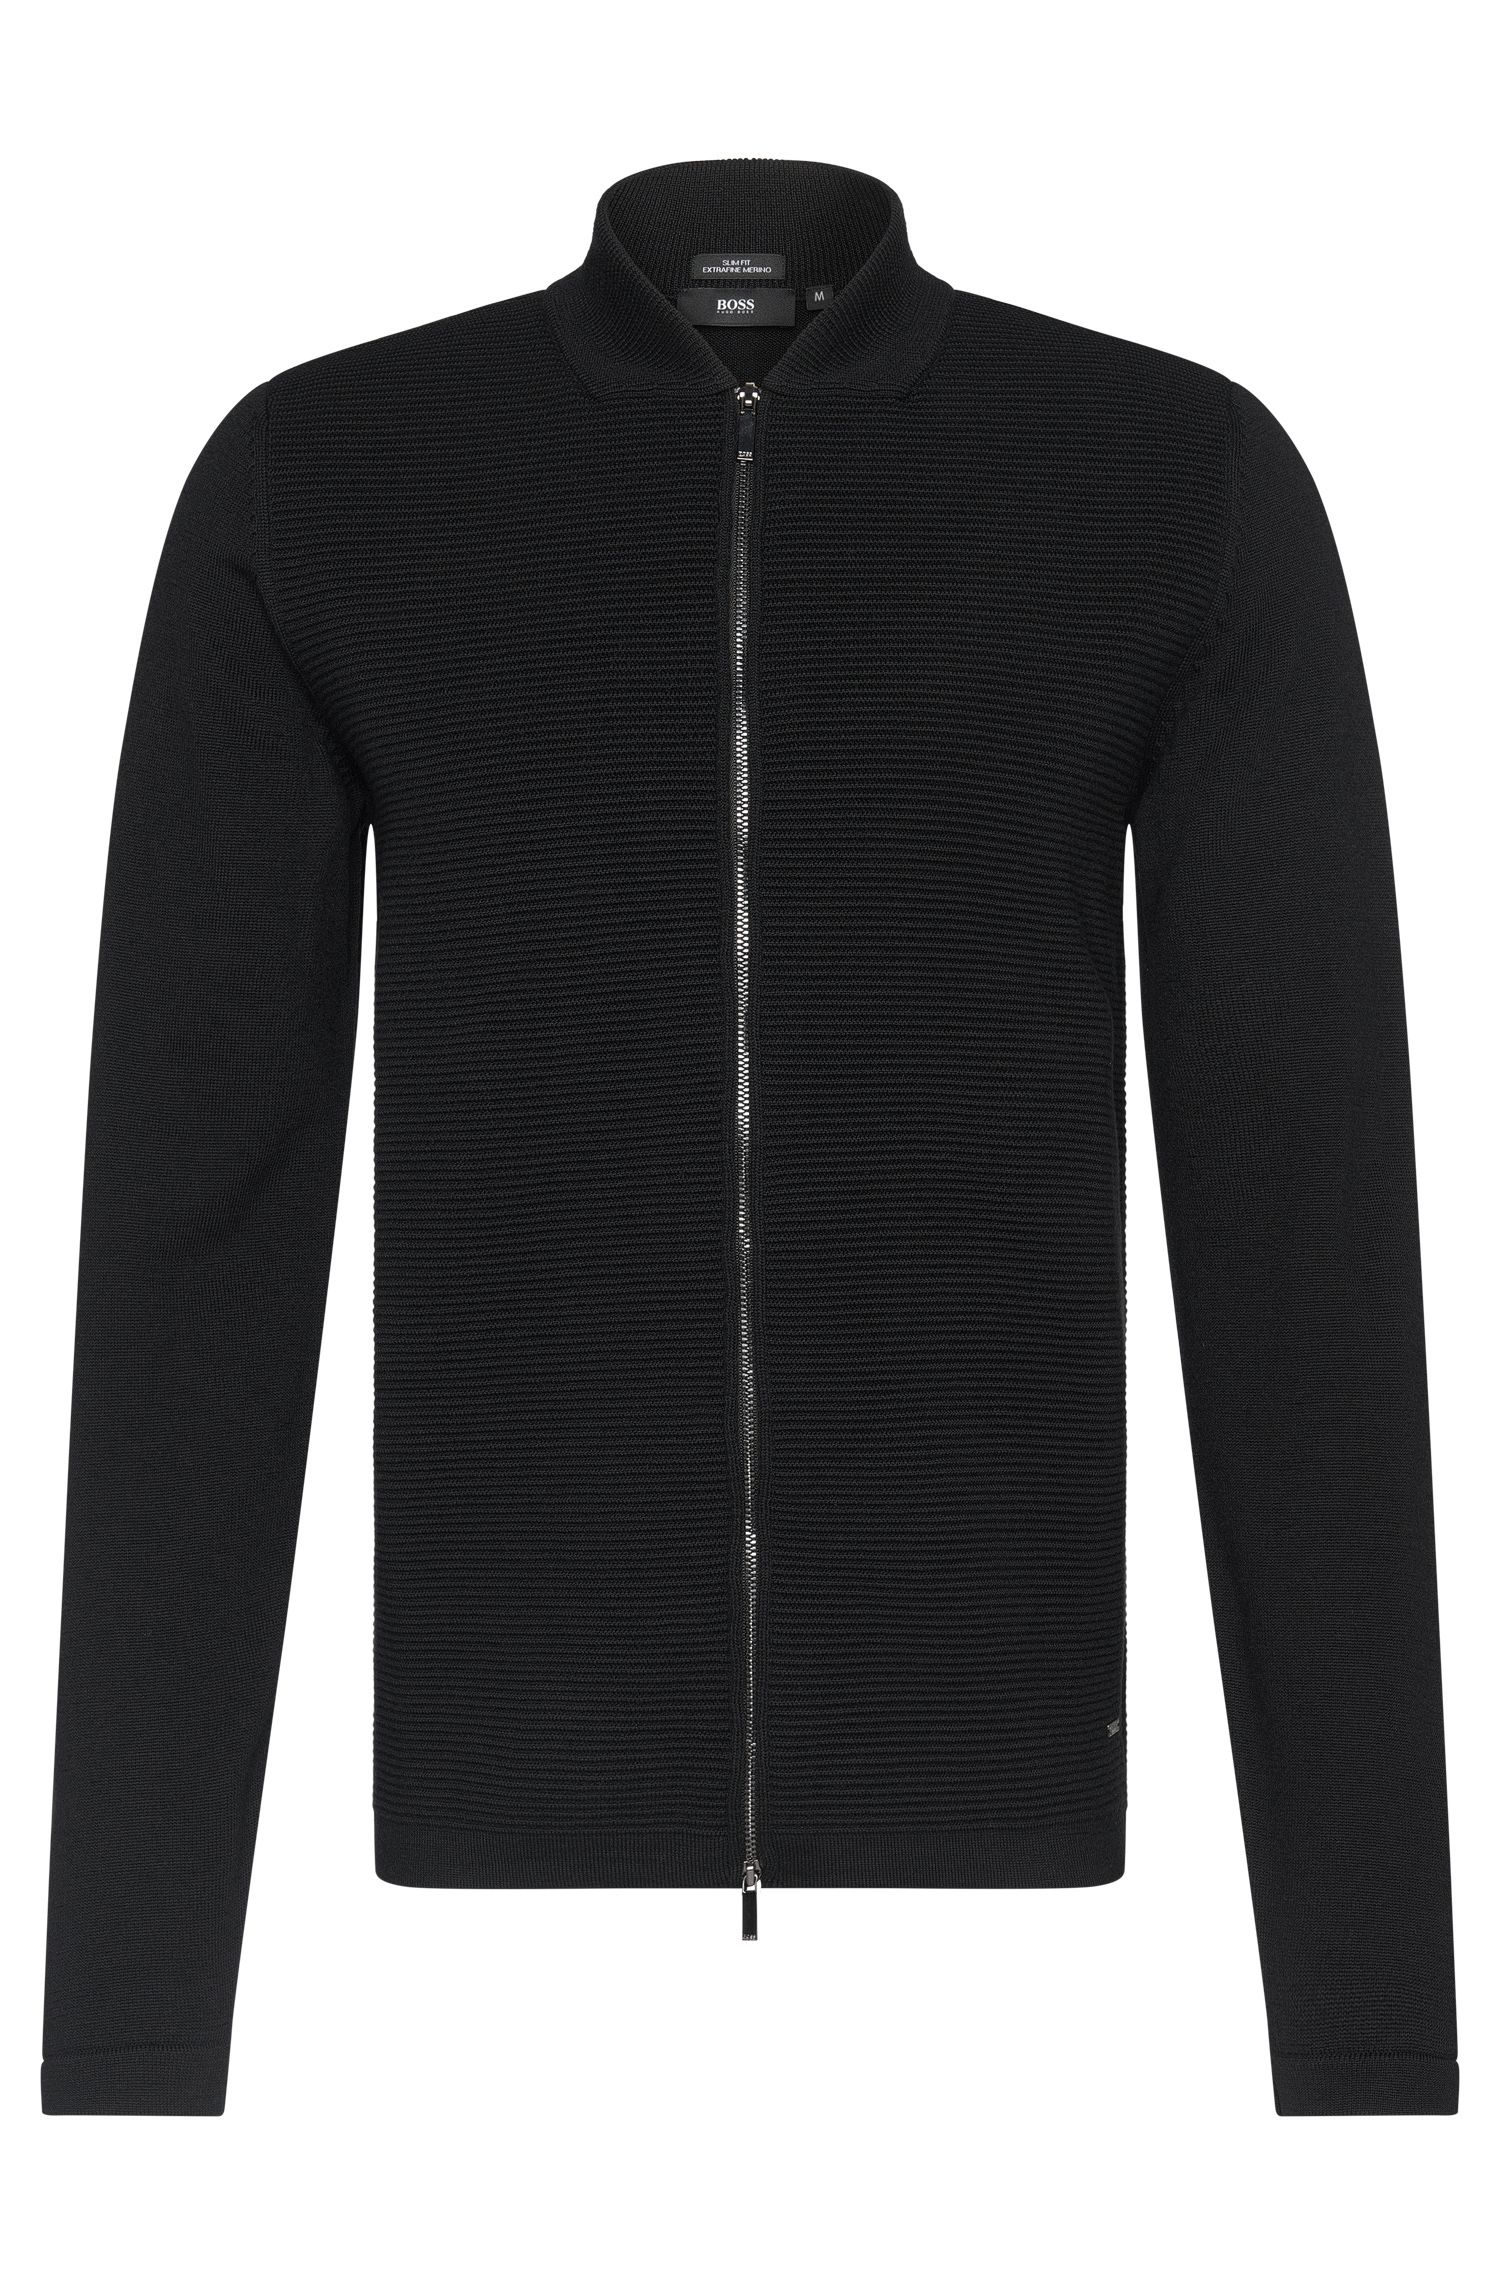 Virgin Wool Ottoman Zip Sweater Jacket | Inat